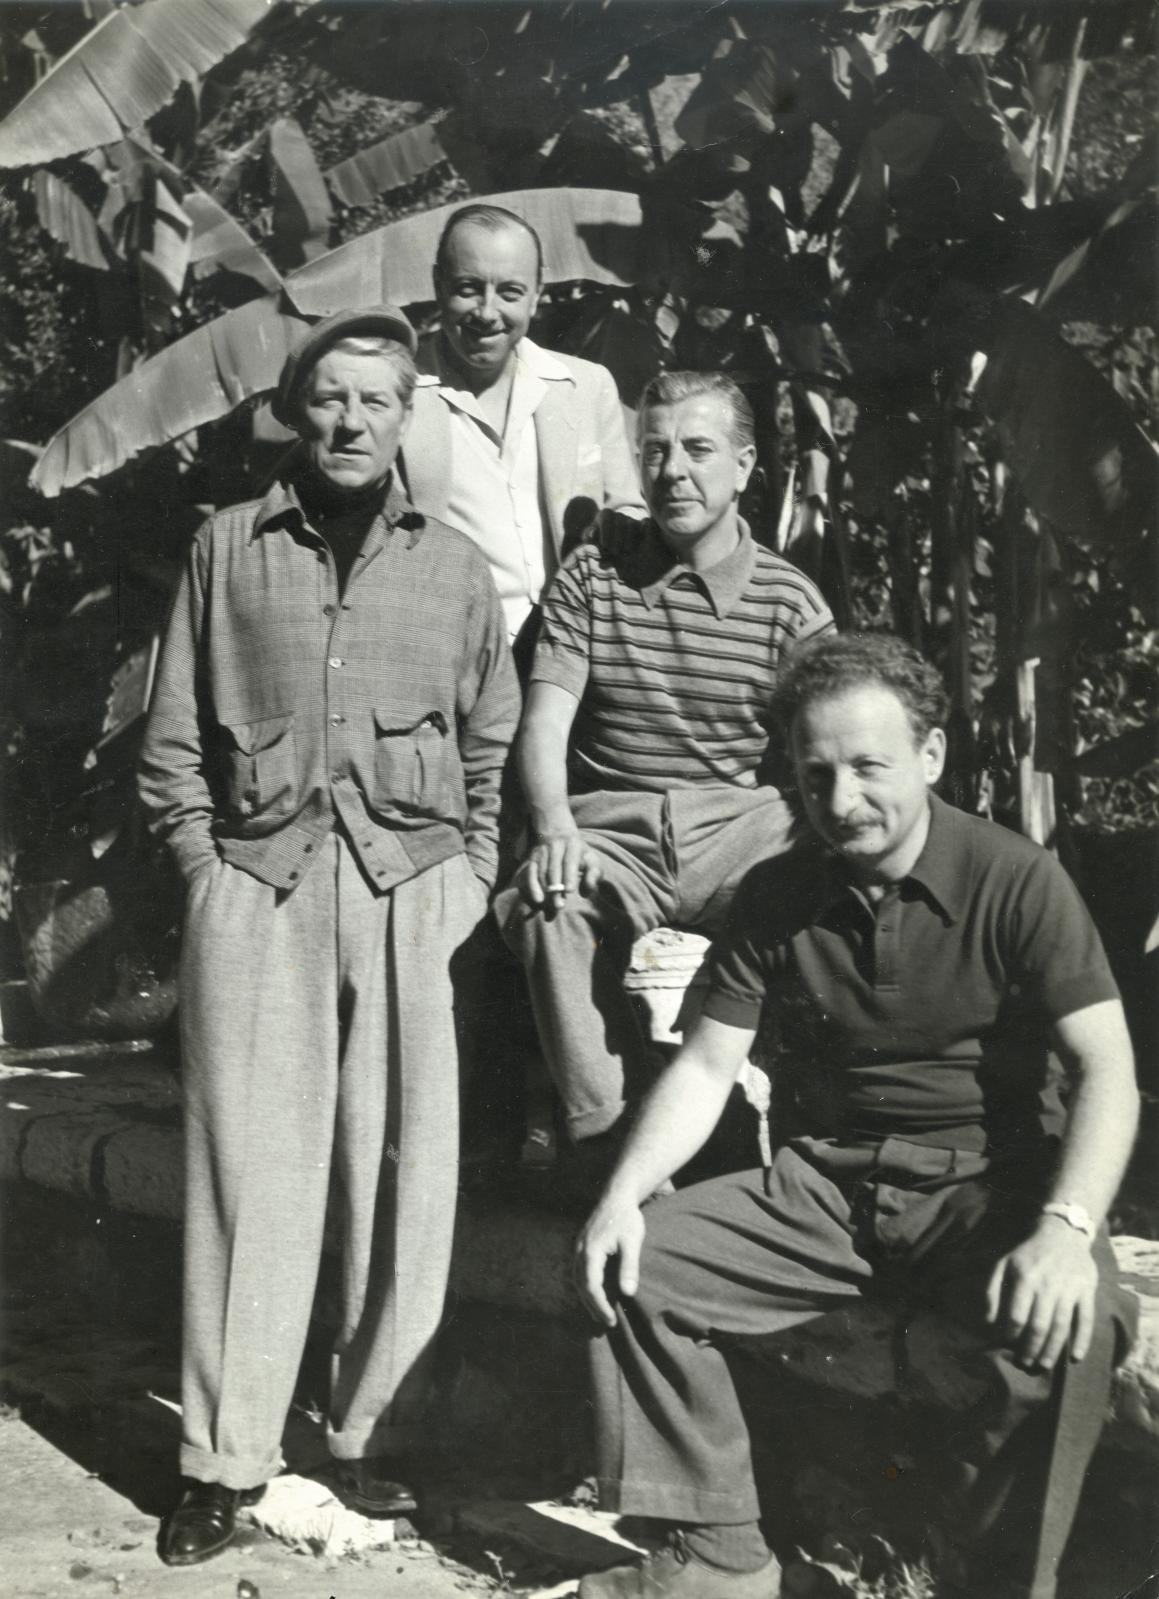 Émile Savitry (1903-1967), Jean Gabin, Marcel Carné, Jacques Prévert et Alexandre Trauner, dans un jardin, Saint-Paul-de-Vence, 1943, épre